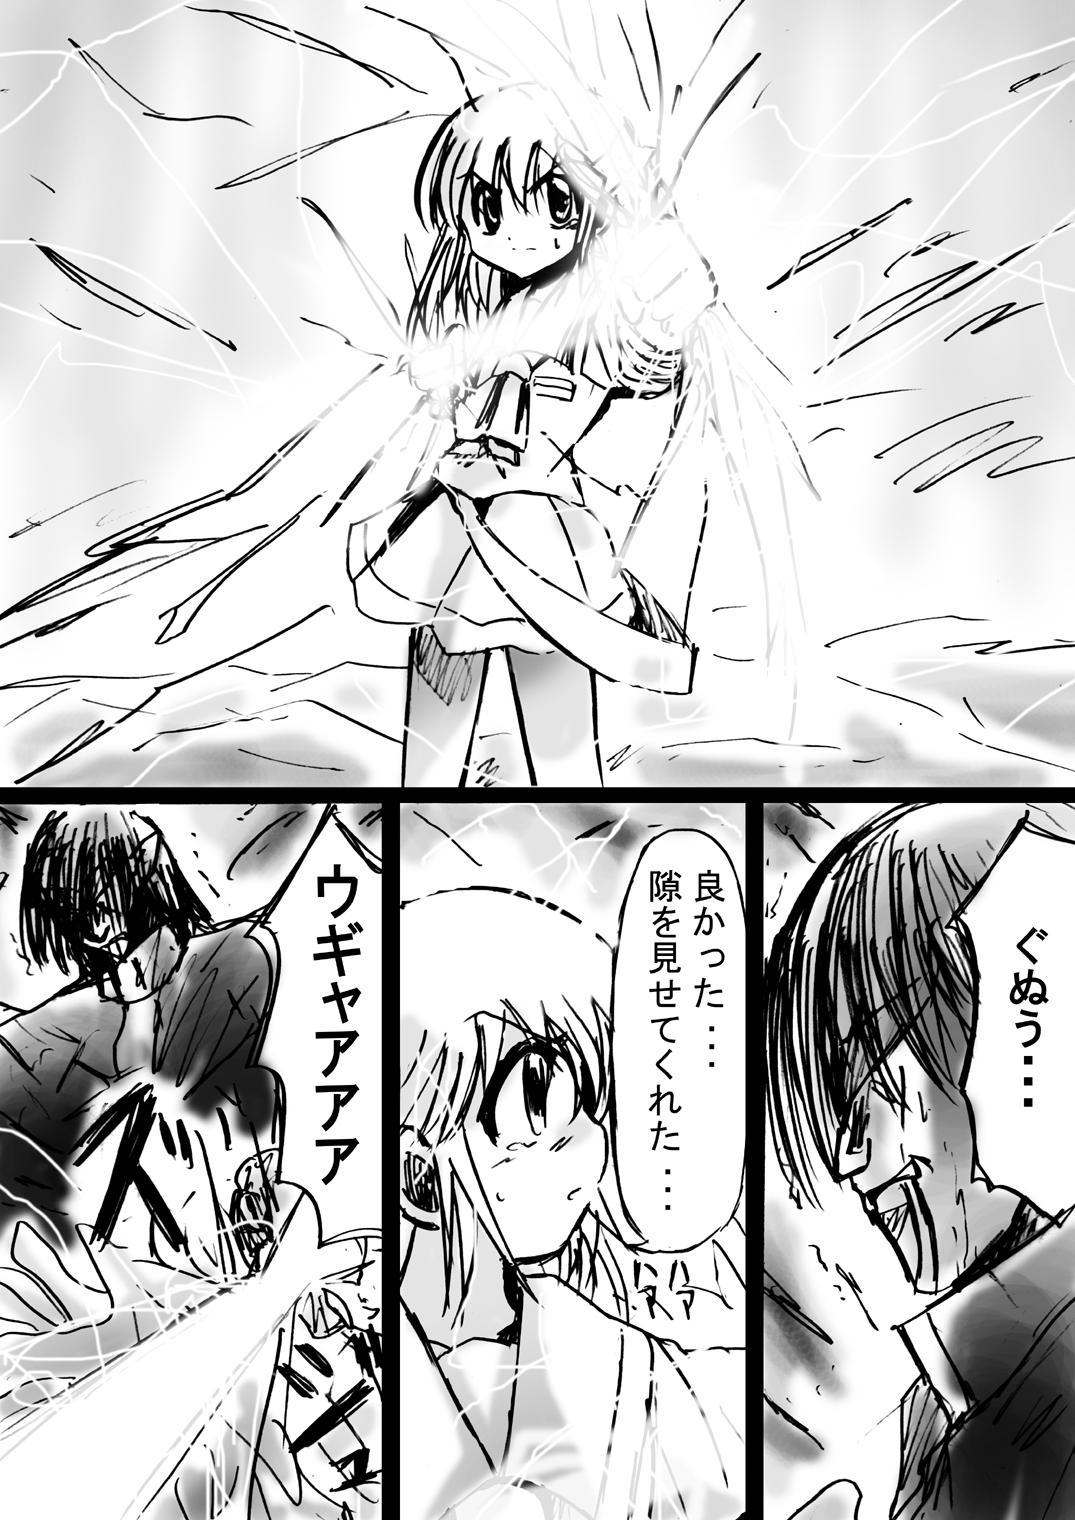 [Dende] Fushigi Sekai -Mystery World- Nonoha 5 ~Jokuma no Kyouniku no Tainai Shinshoku~ 134